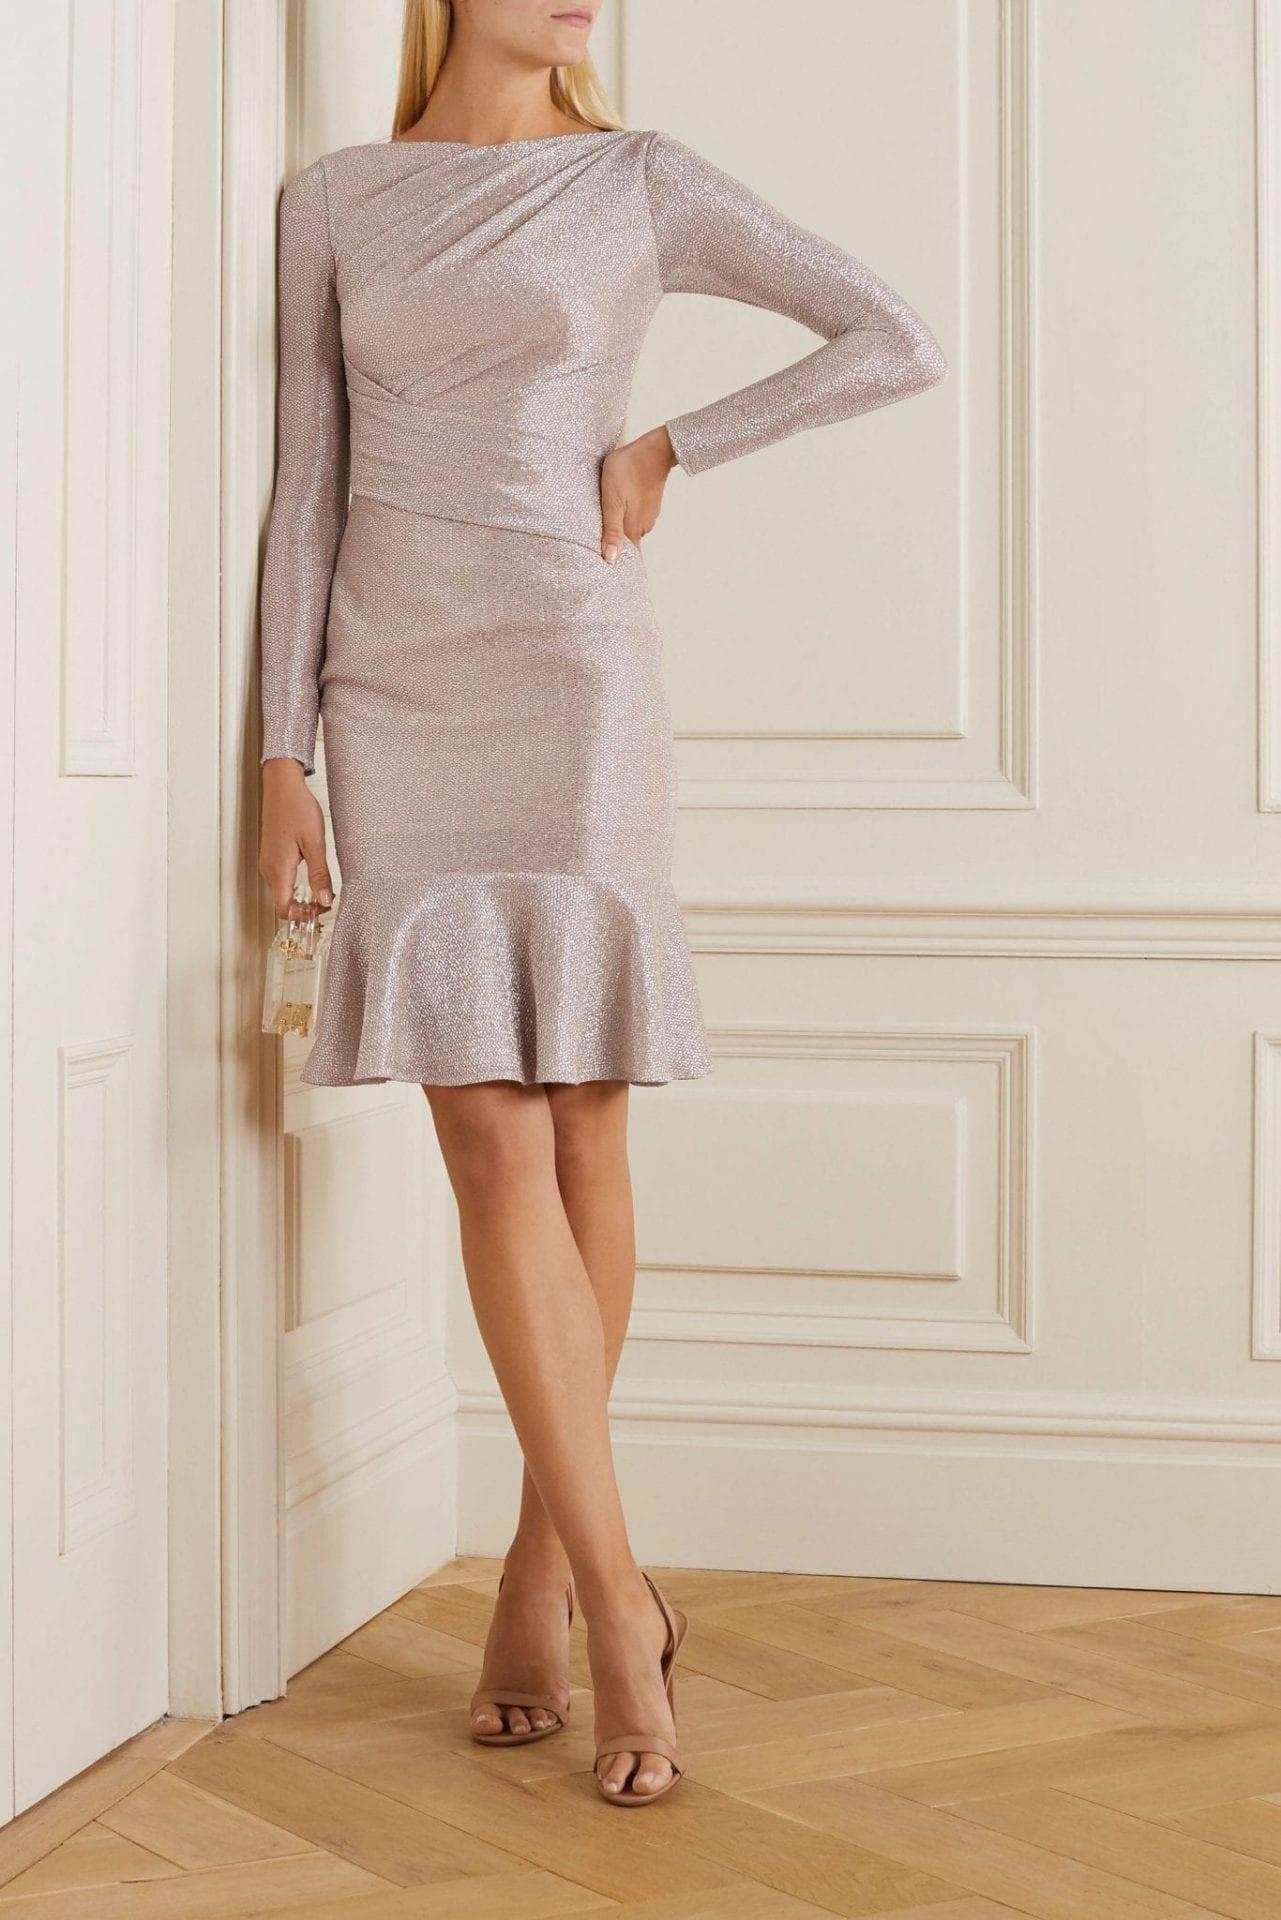 TALBOT RUNHOF Ruched Metallic Voile Dress